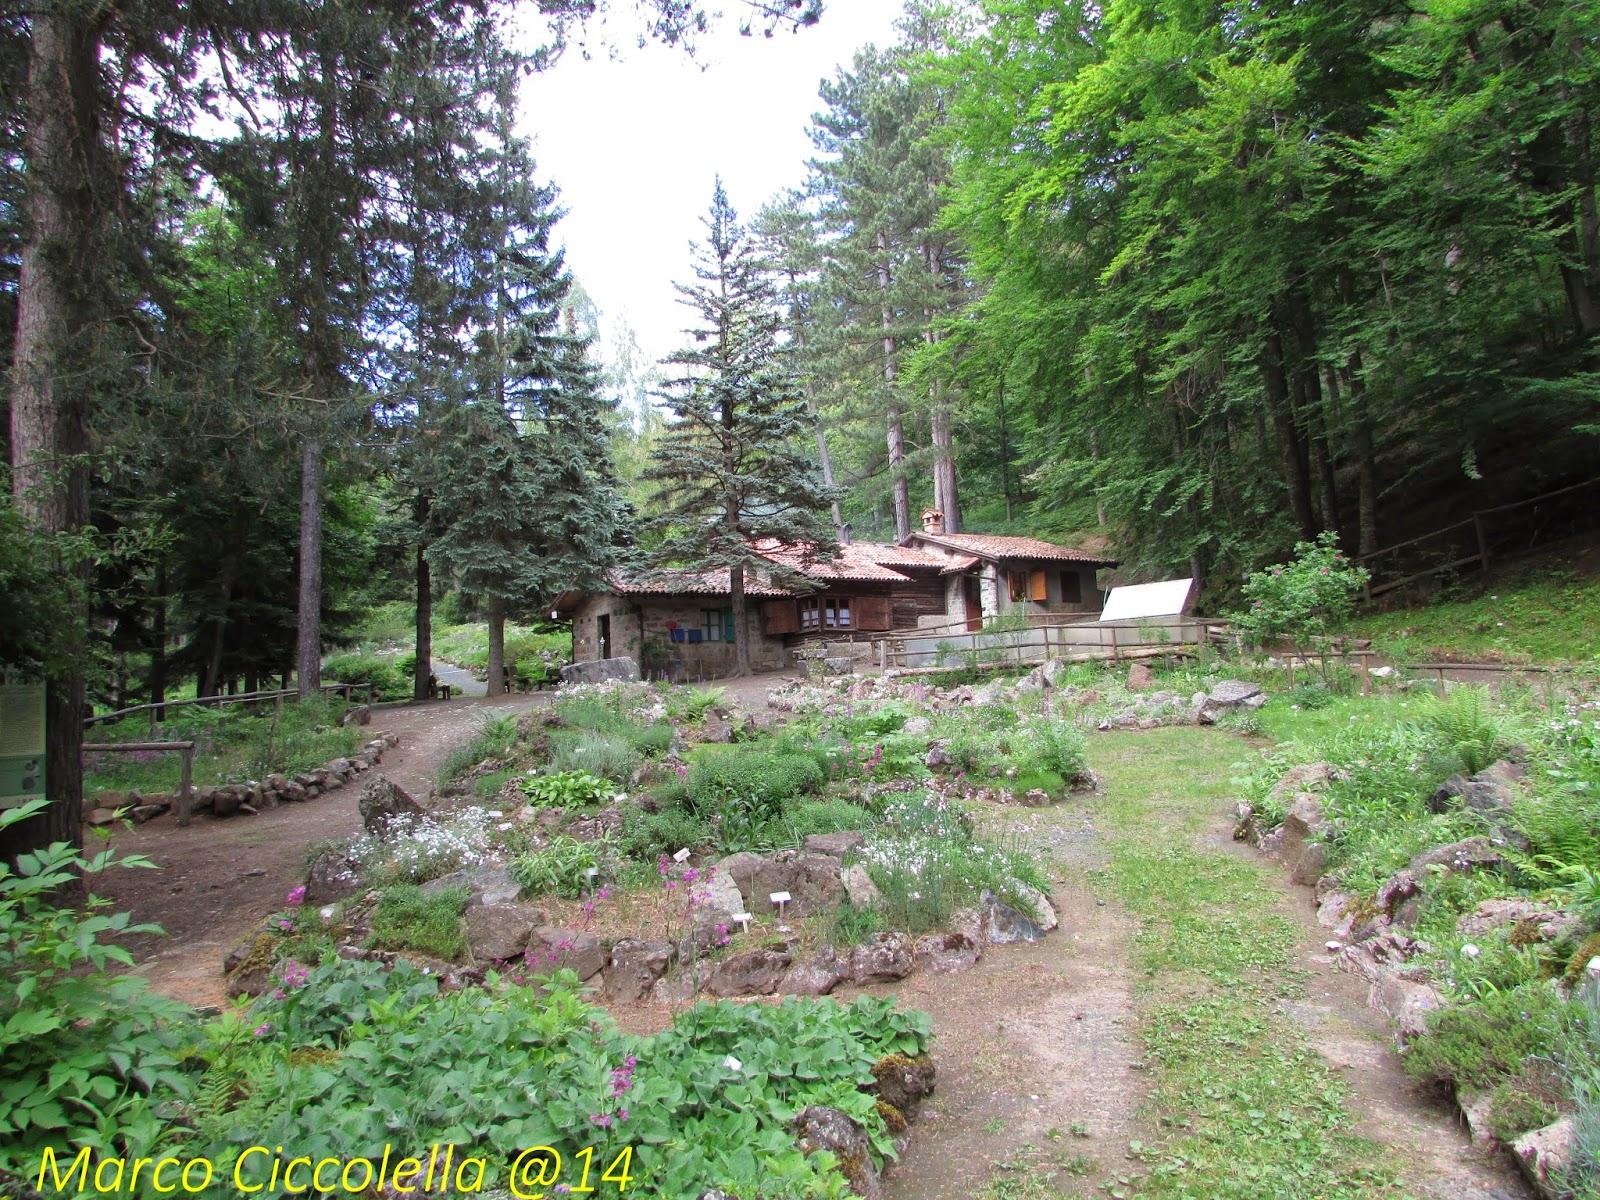 Giardino Pietra Corva : Giardino botanico alpino pietra corva